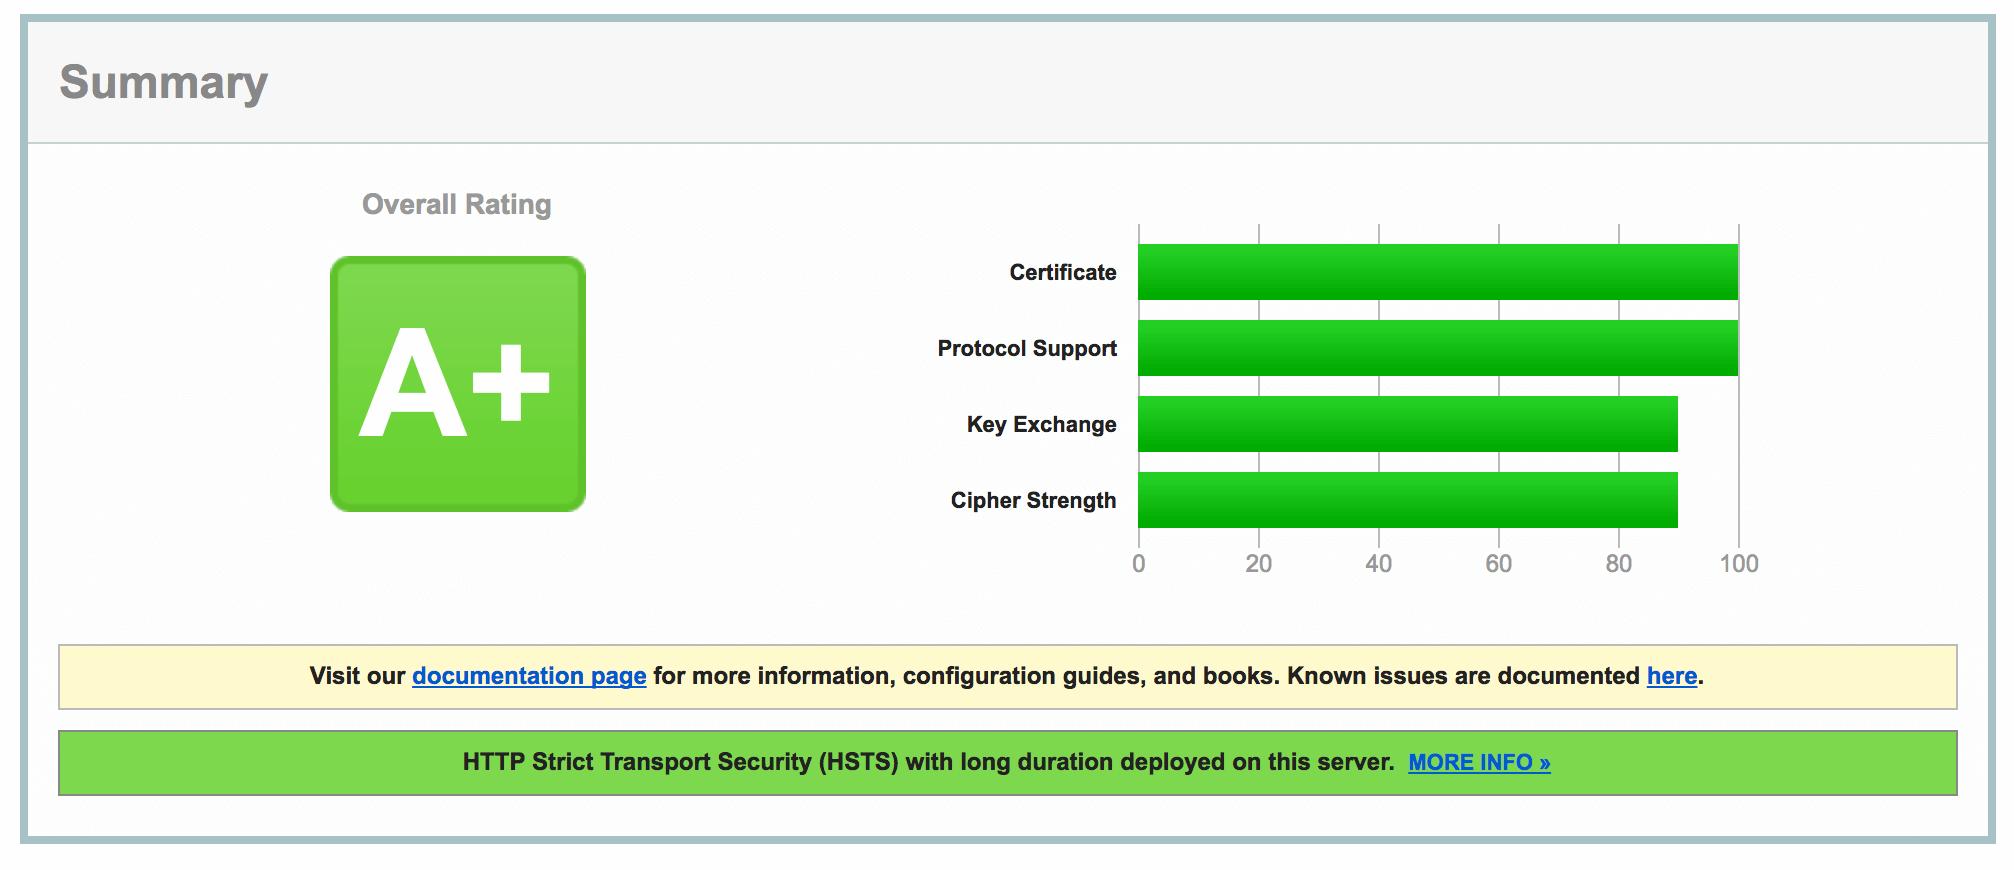 SSL A+